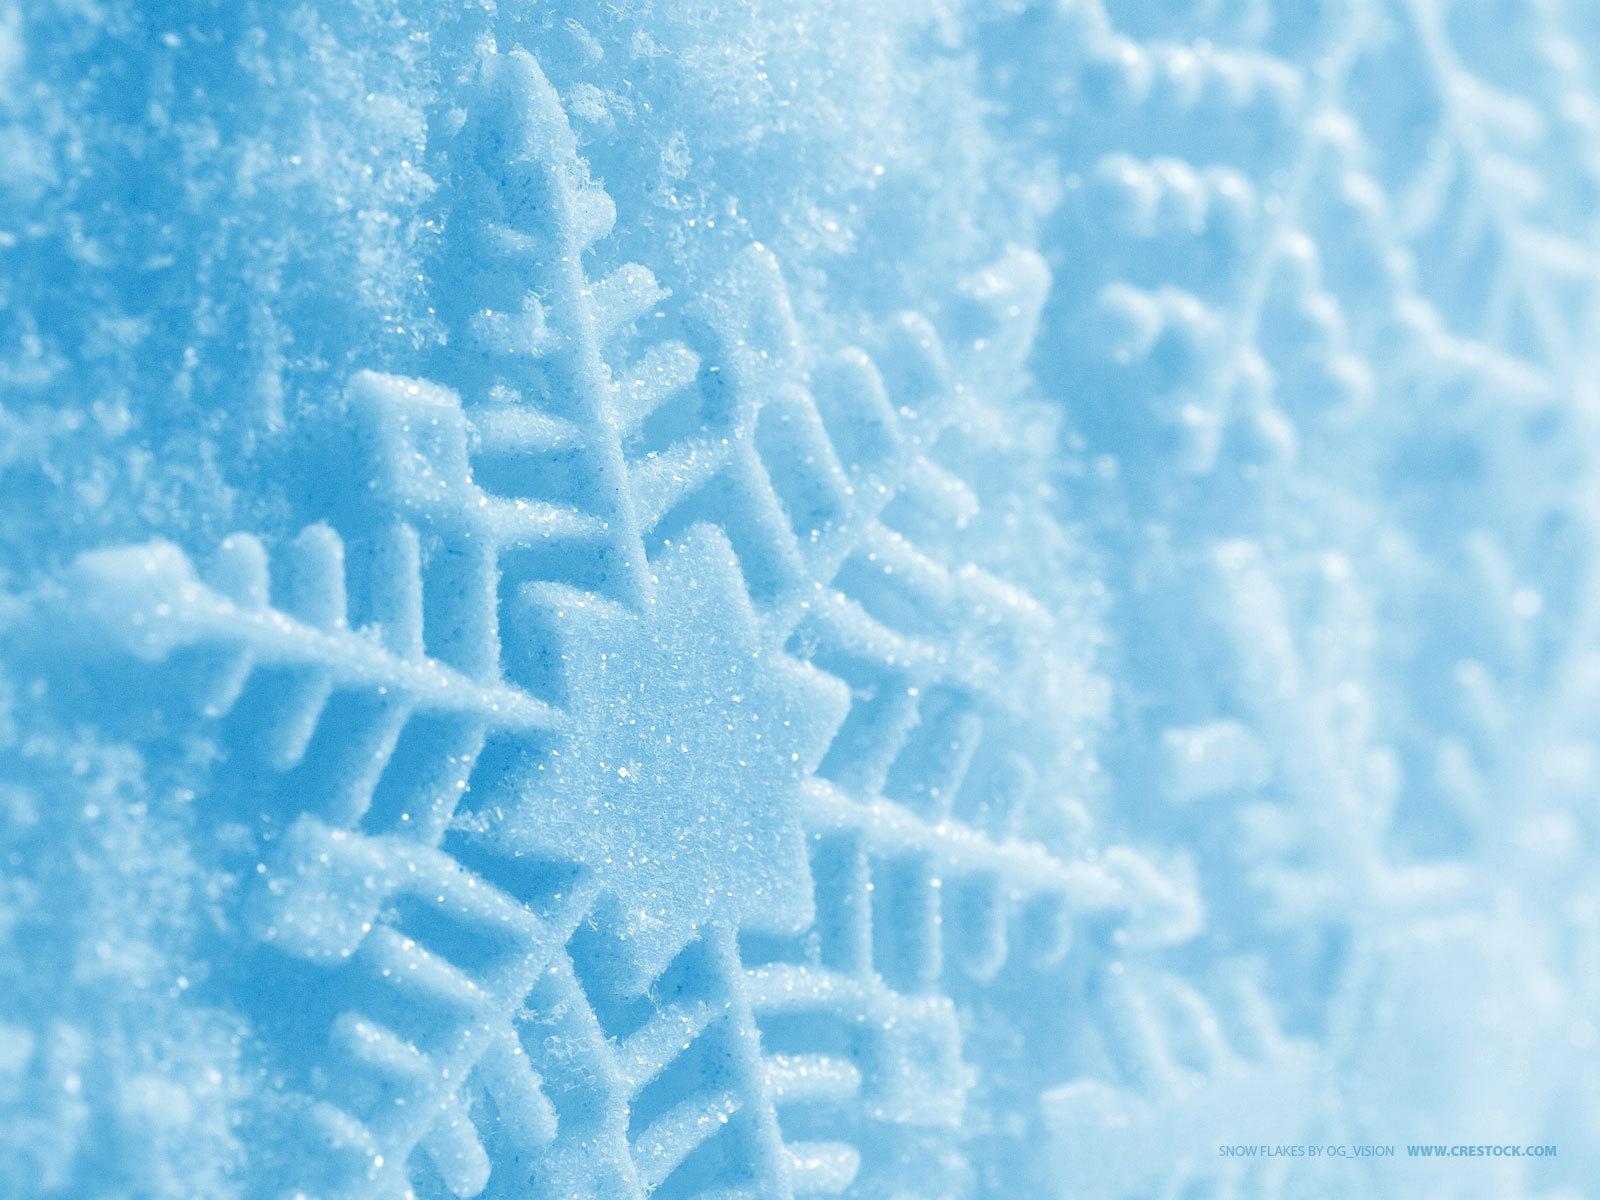 12572 скачать обои Зима, Фон, Снег, Снежинки - заставки и картинки бесплатно